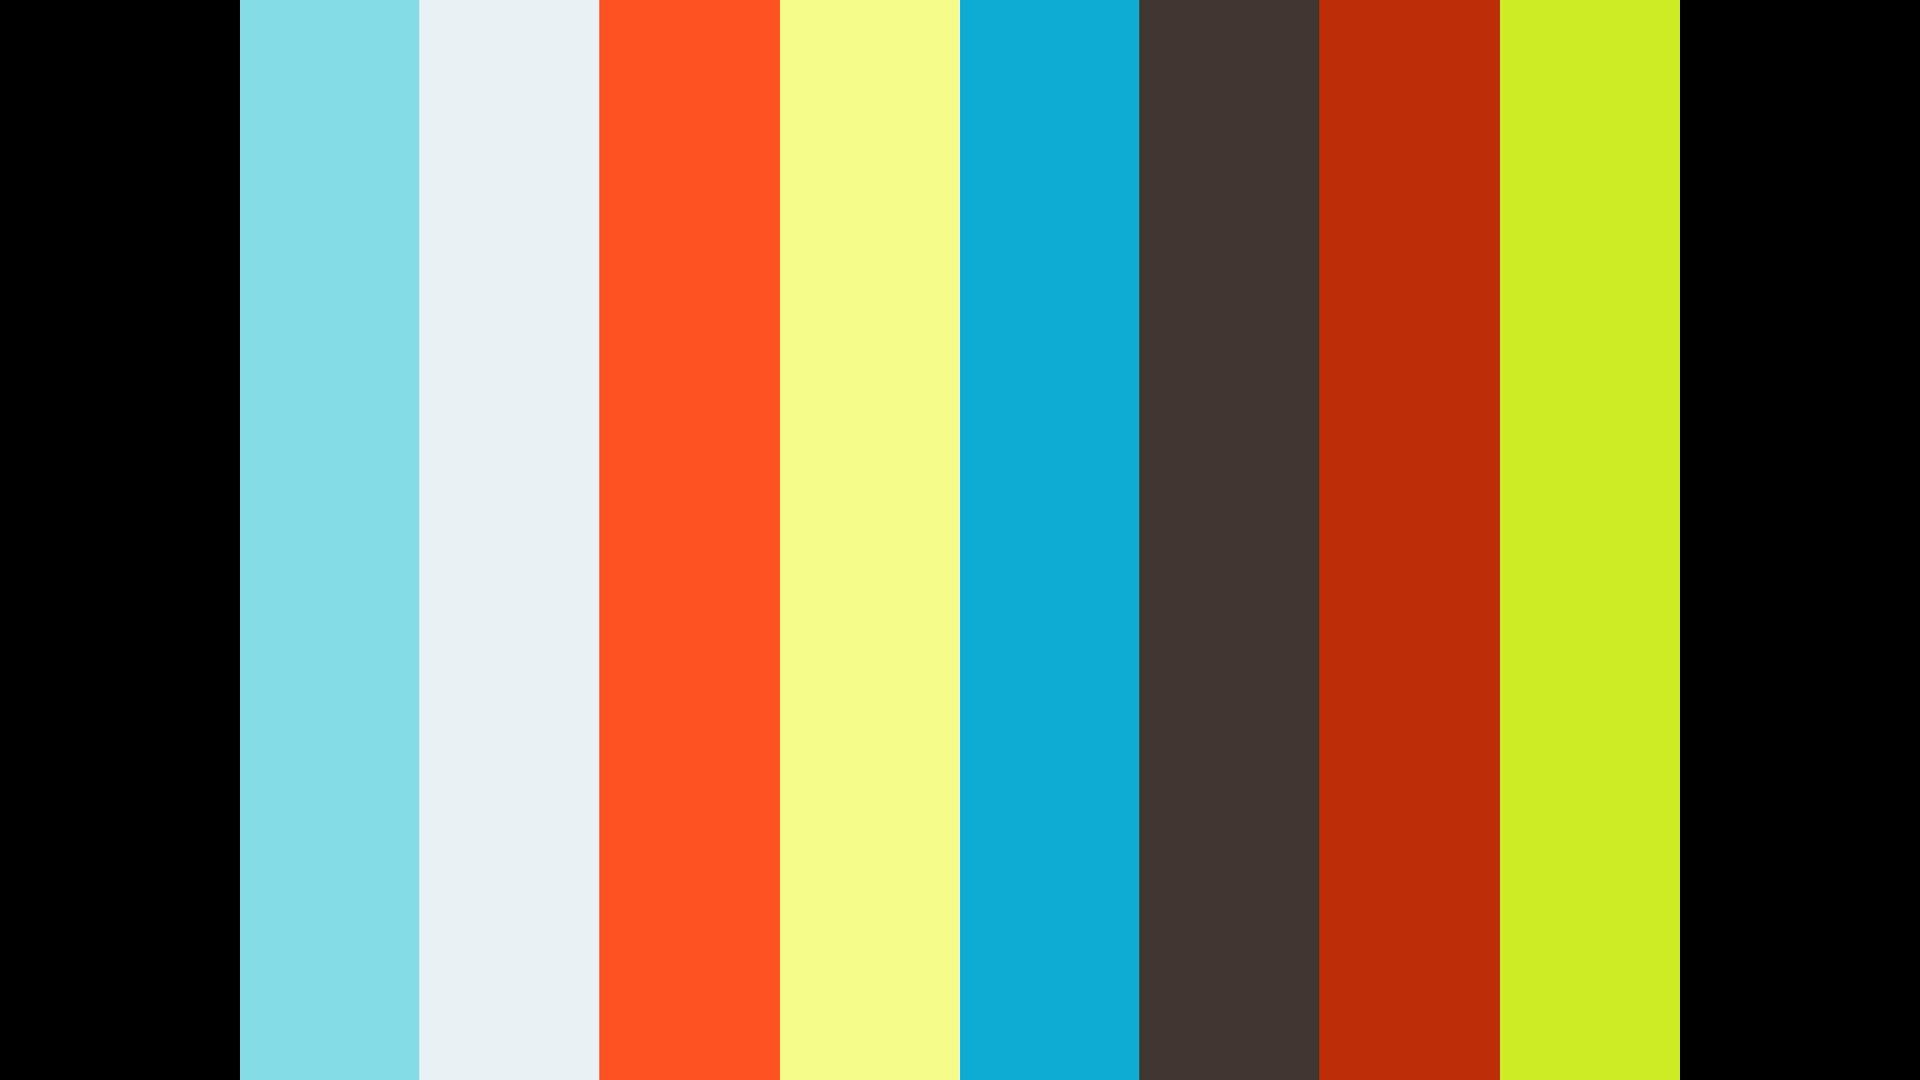 Cómo hacer vídeos explicativos animados: las mejores herramientas | Videocontent Tu vídeo desde 350€ | 823990453 1920x1080?r=pad | videos-explicativos, video, video-promocional, blogs, actualidad